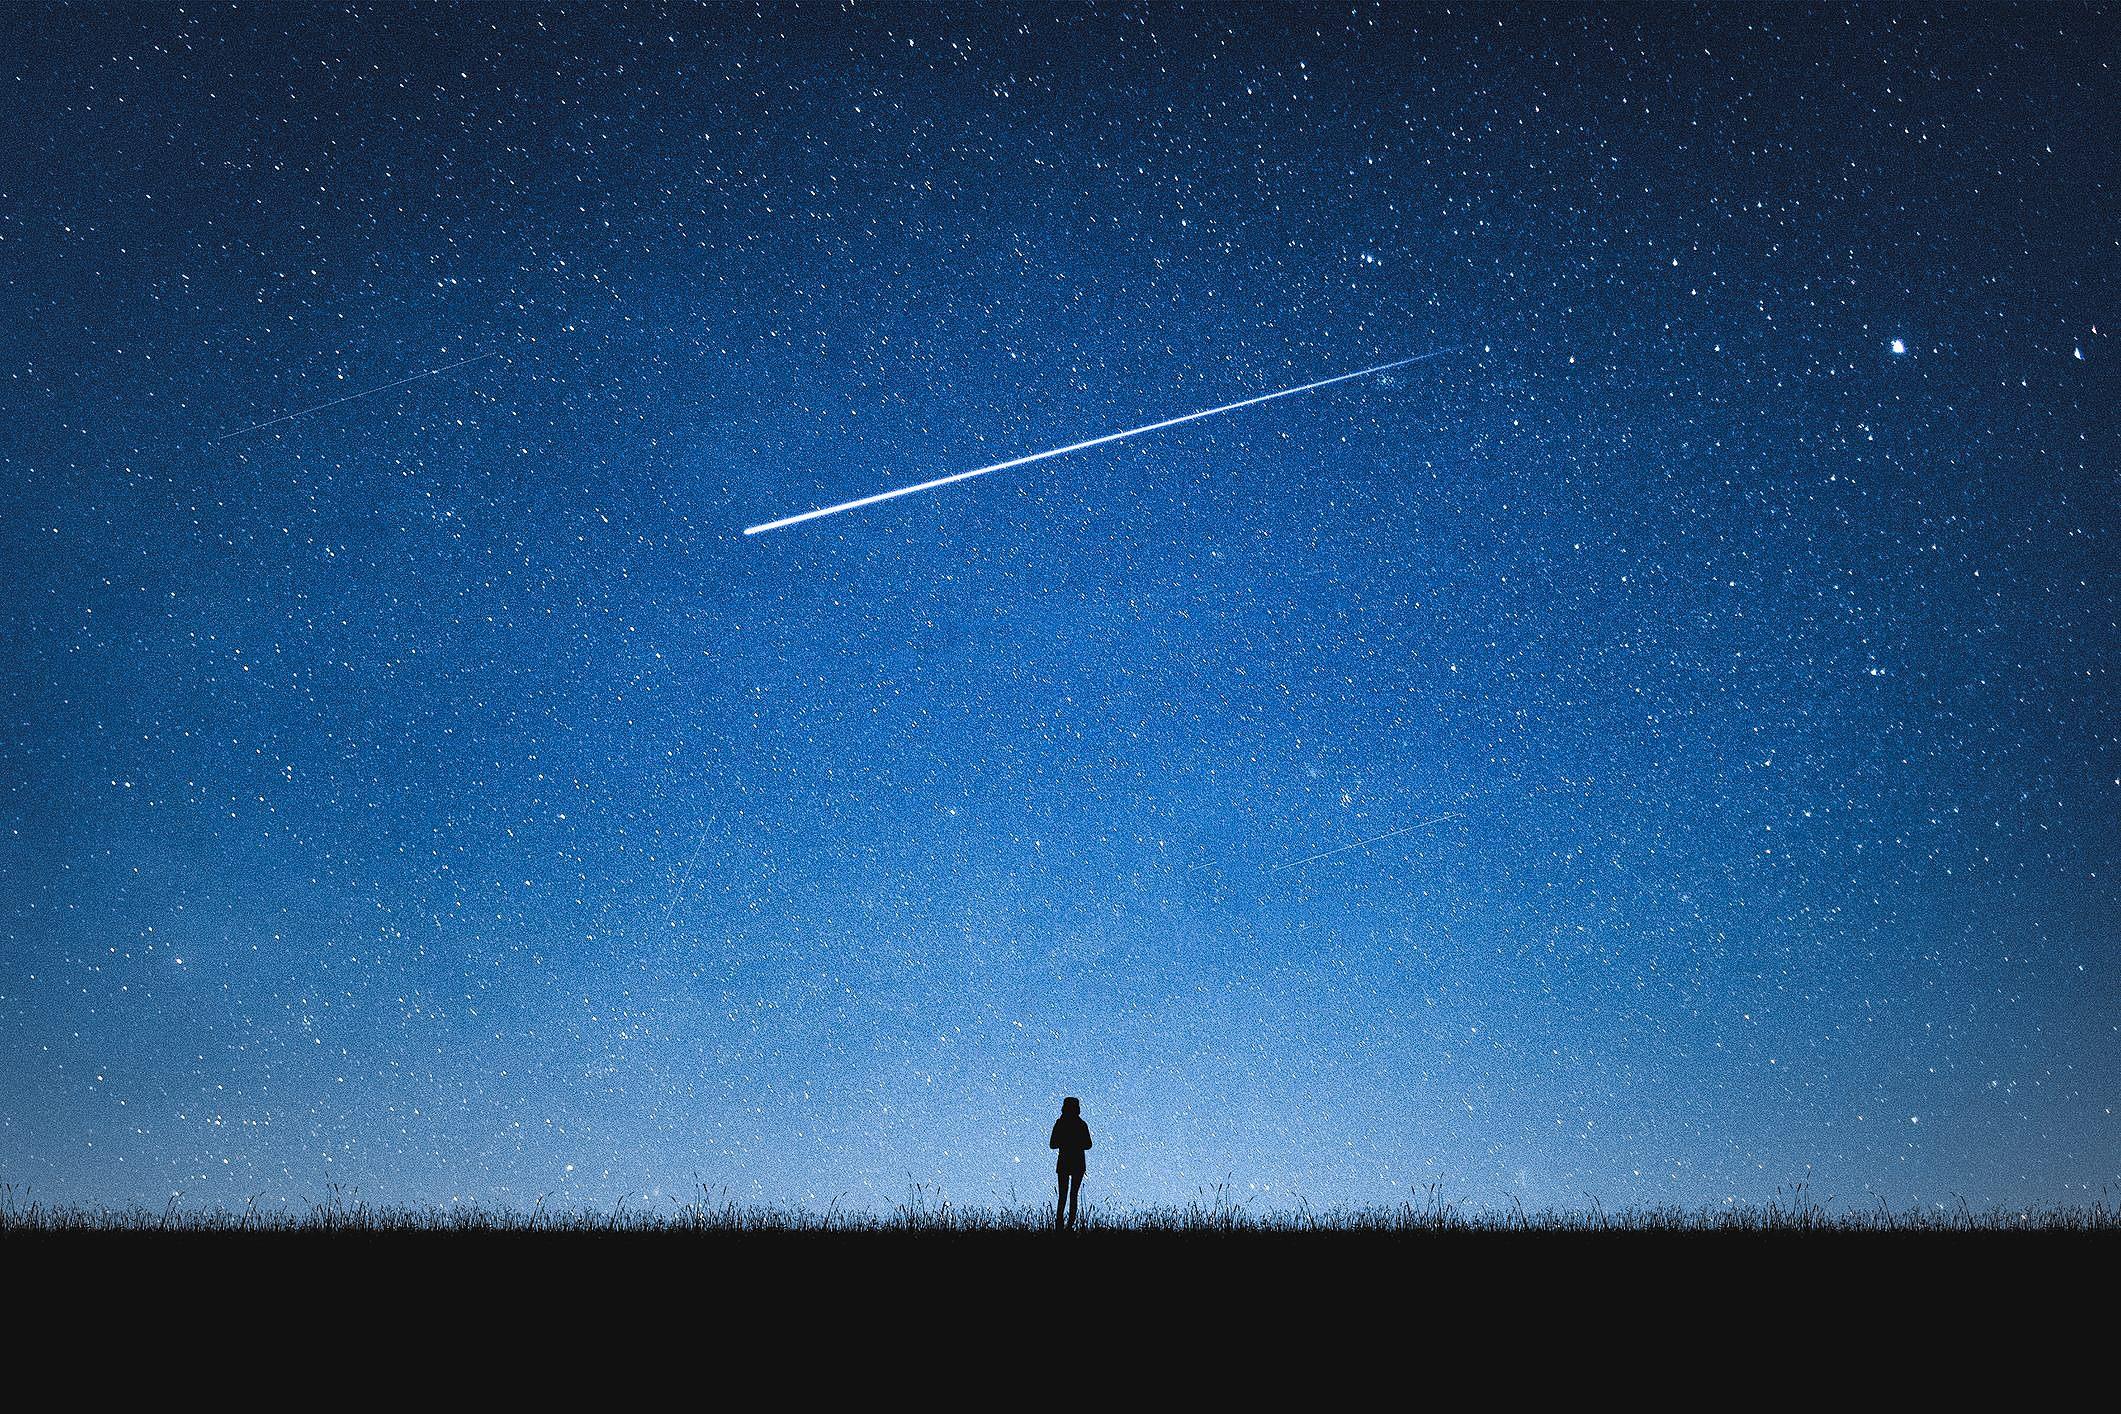 wishing-my-life-away